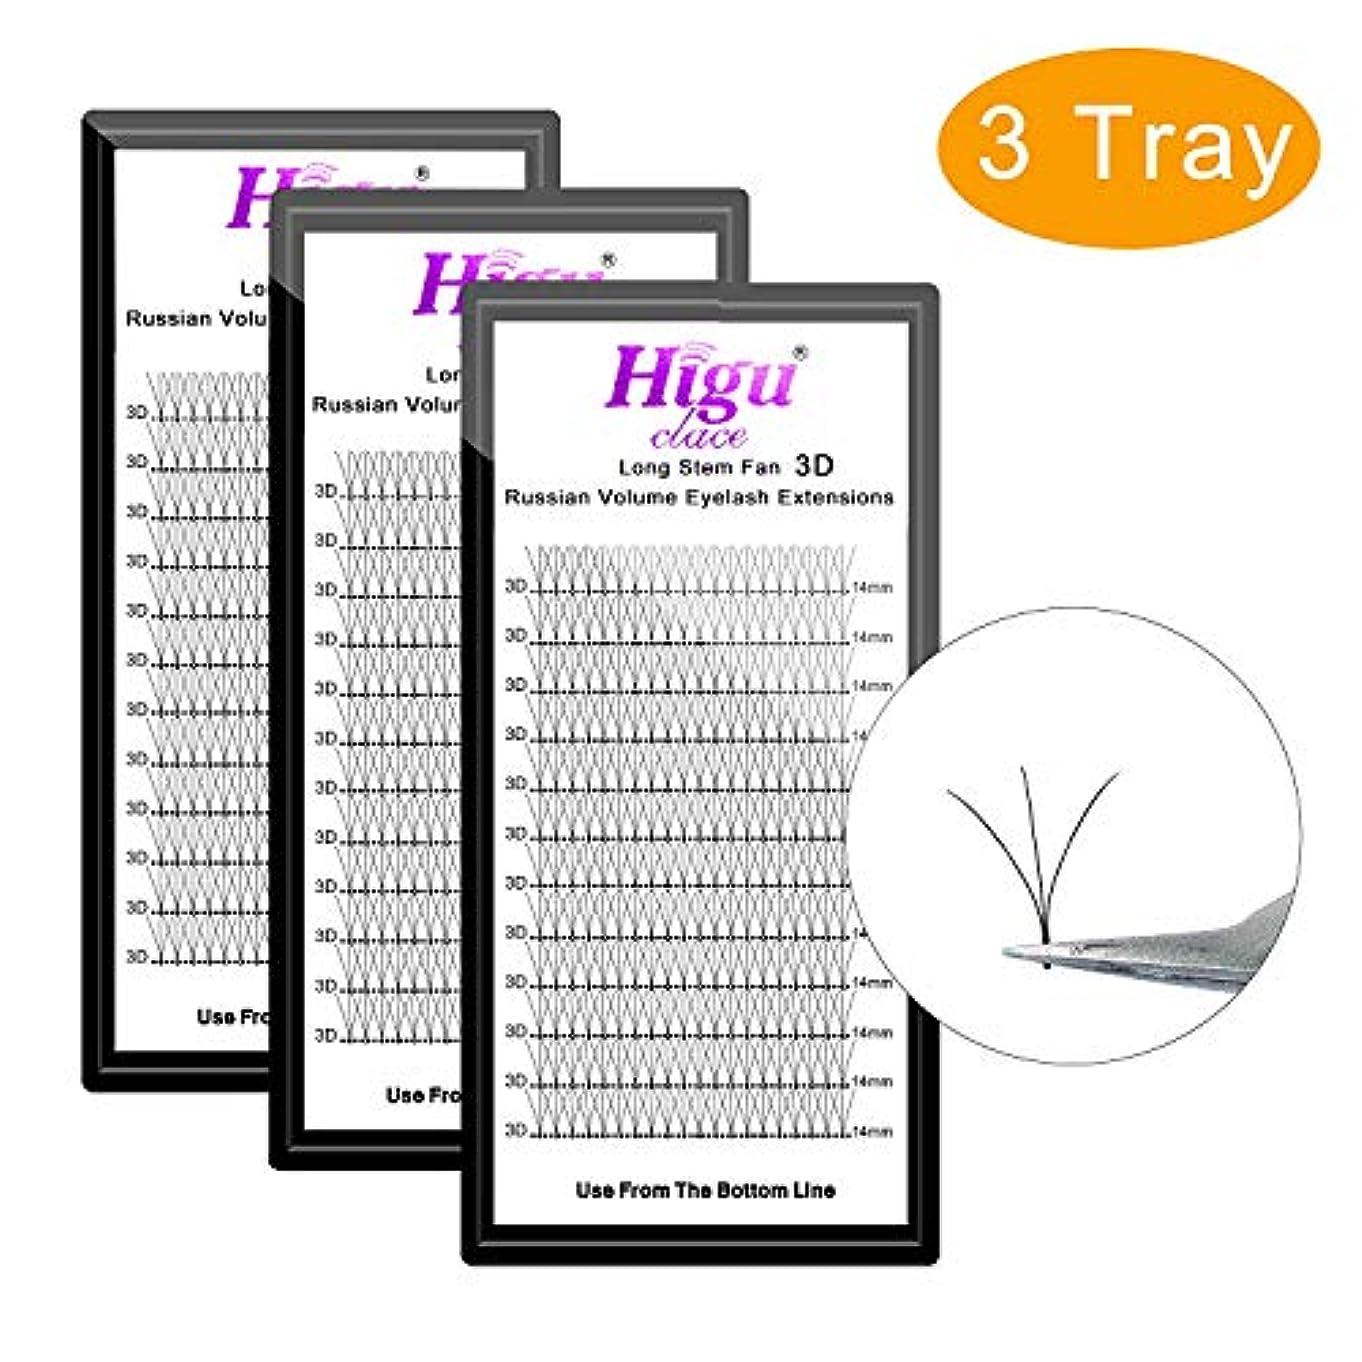 賛美歌放棄する止まる3 Tray 3D D 11m+12mm+13mm Long Stem Fans